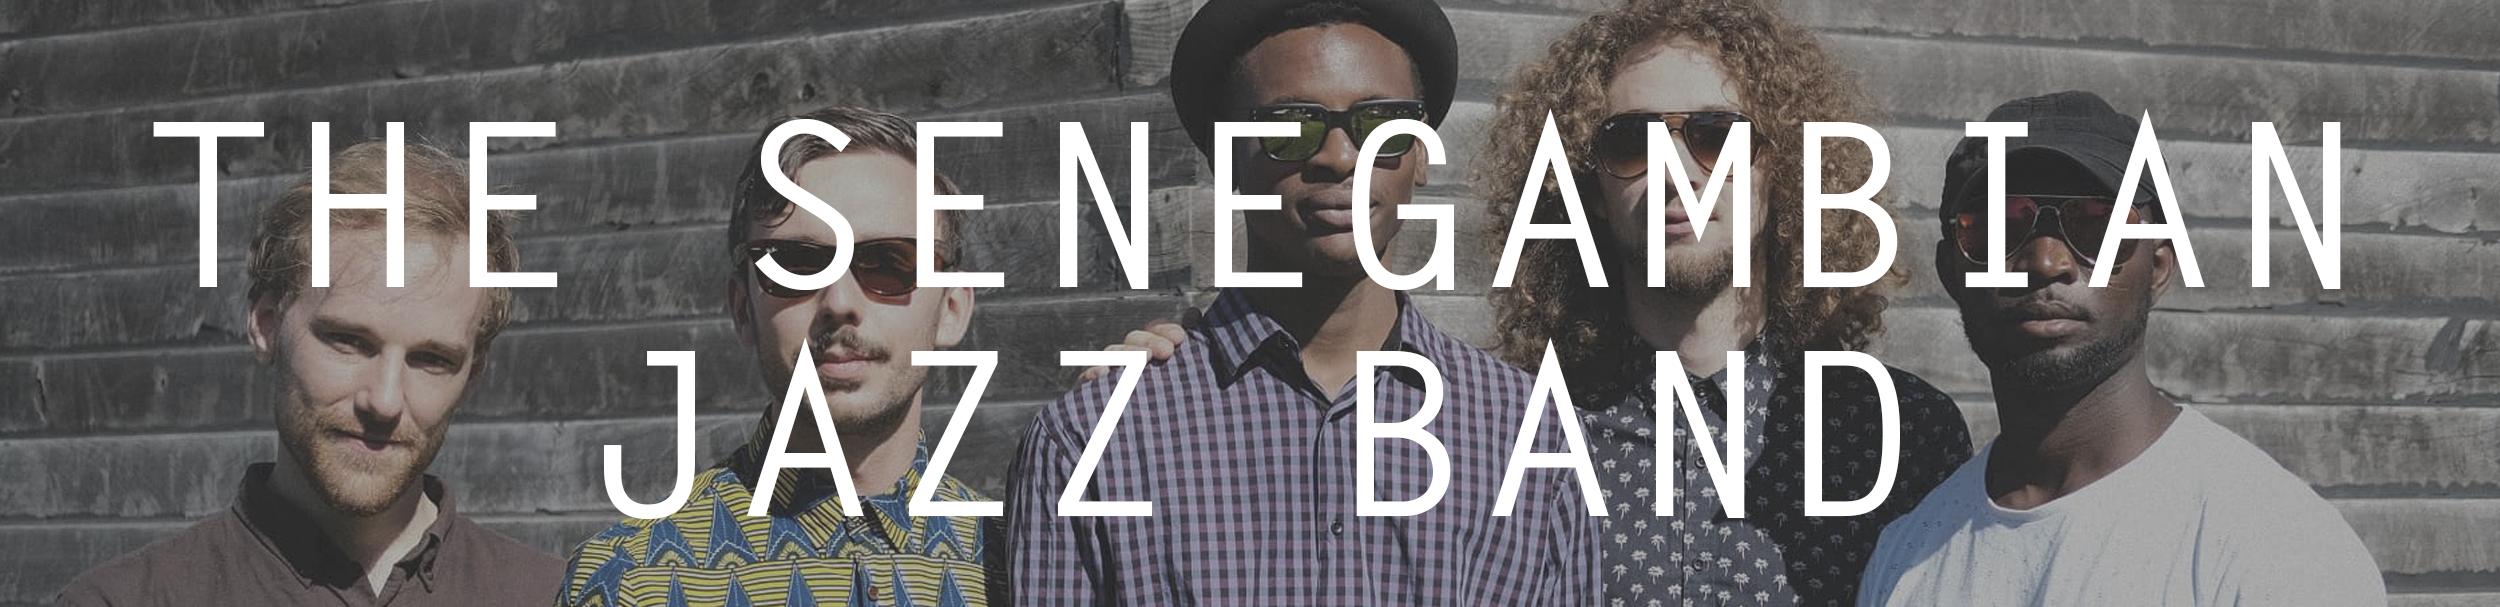 THE SENEGAMBIAN JAZZ BAND.png